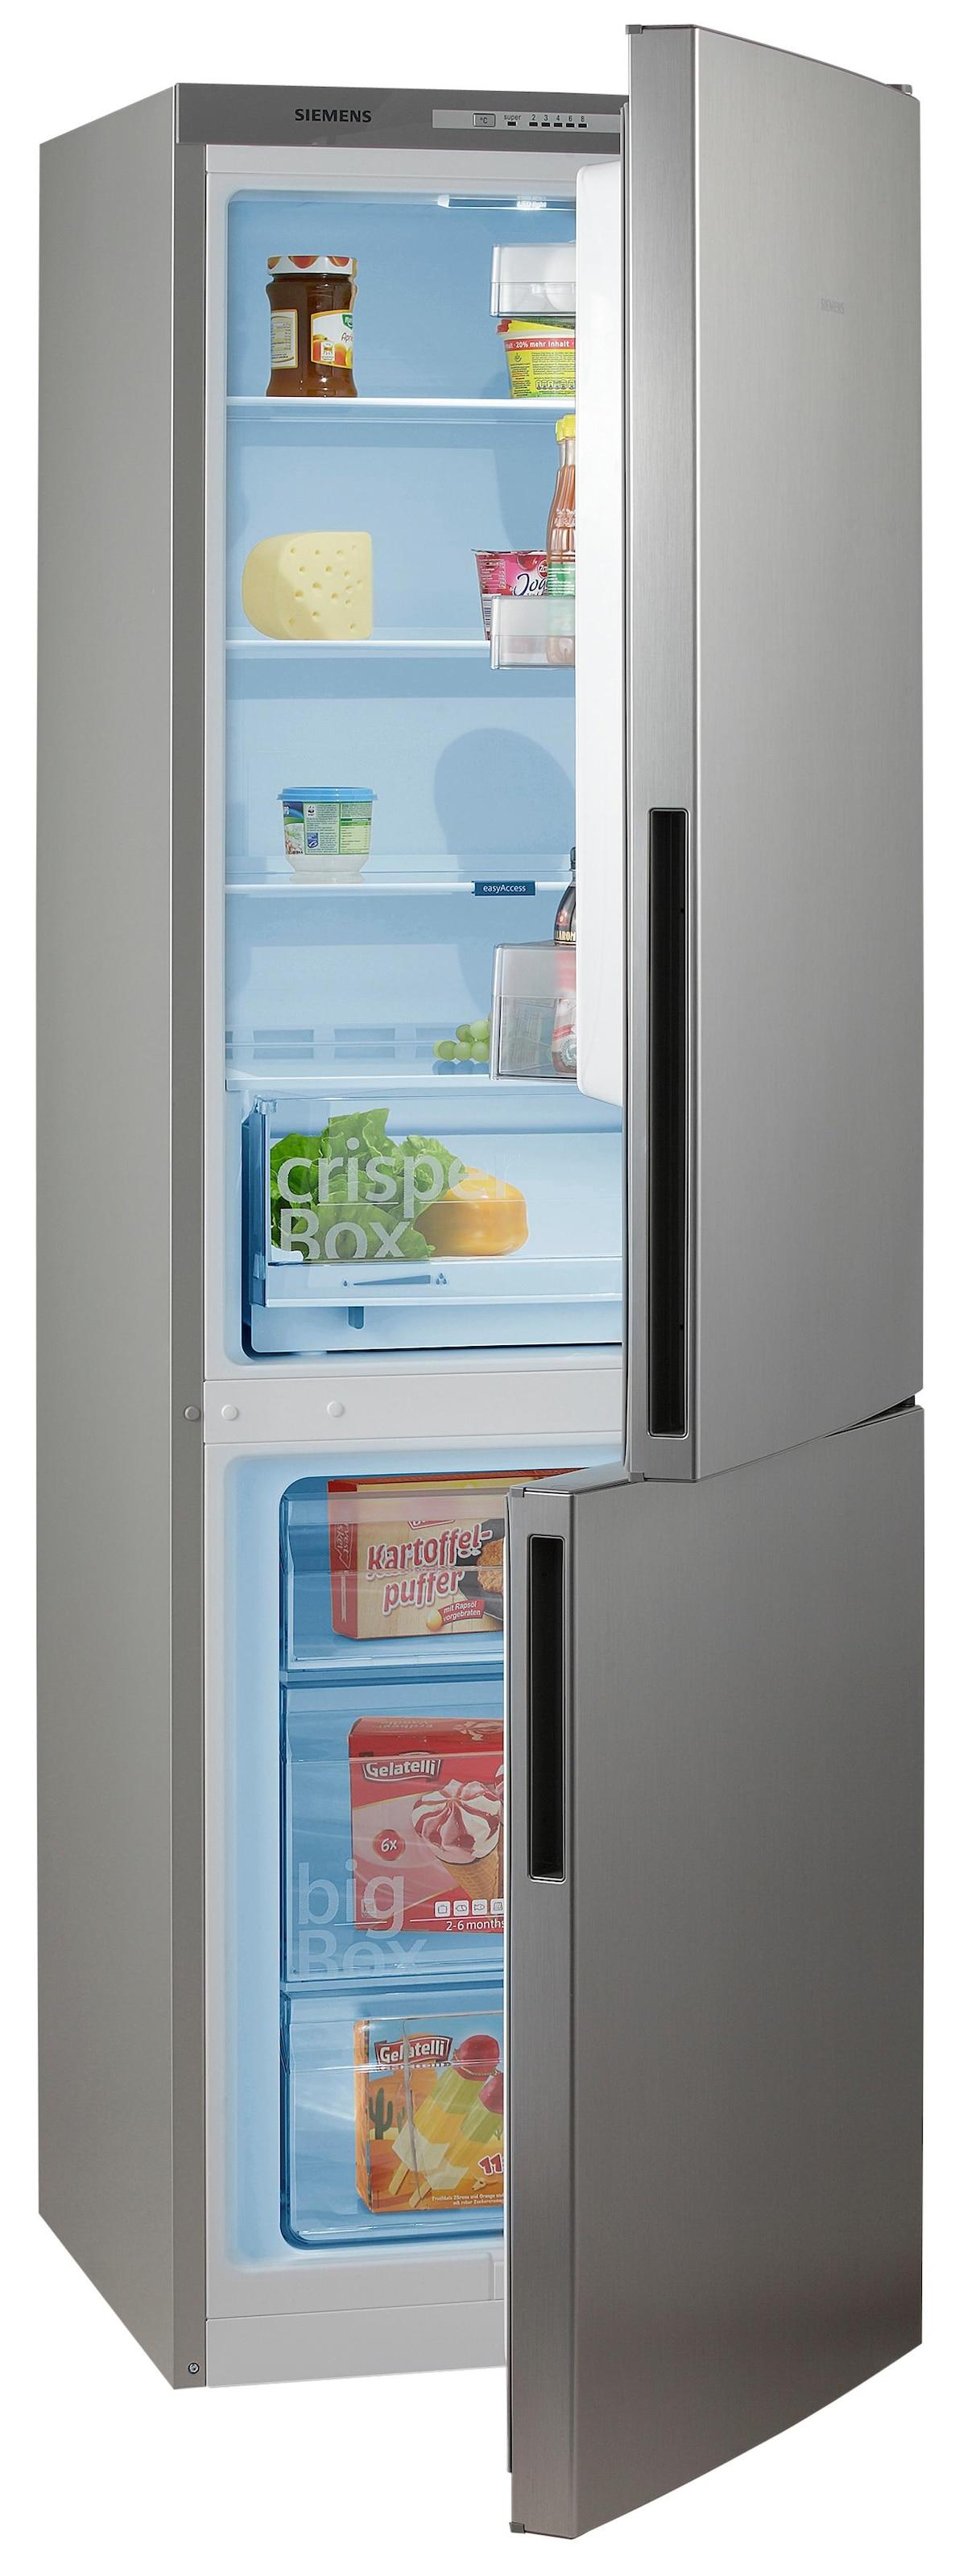 Siemens Kühlschrank Outlet : Siemens kühl gefrierkombination cm hoch cm breit baur